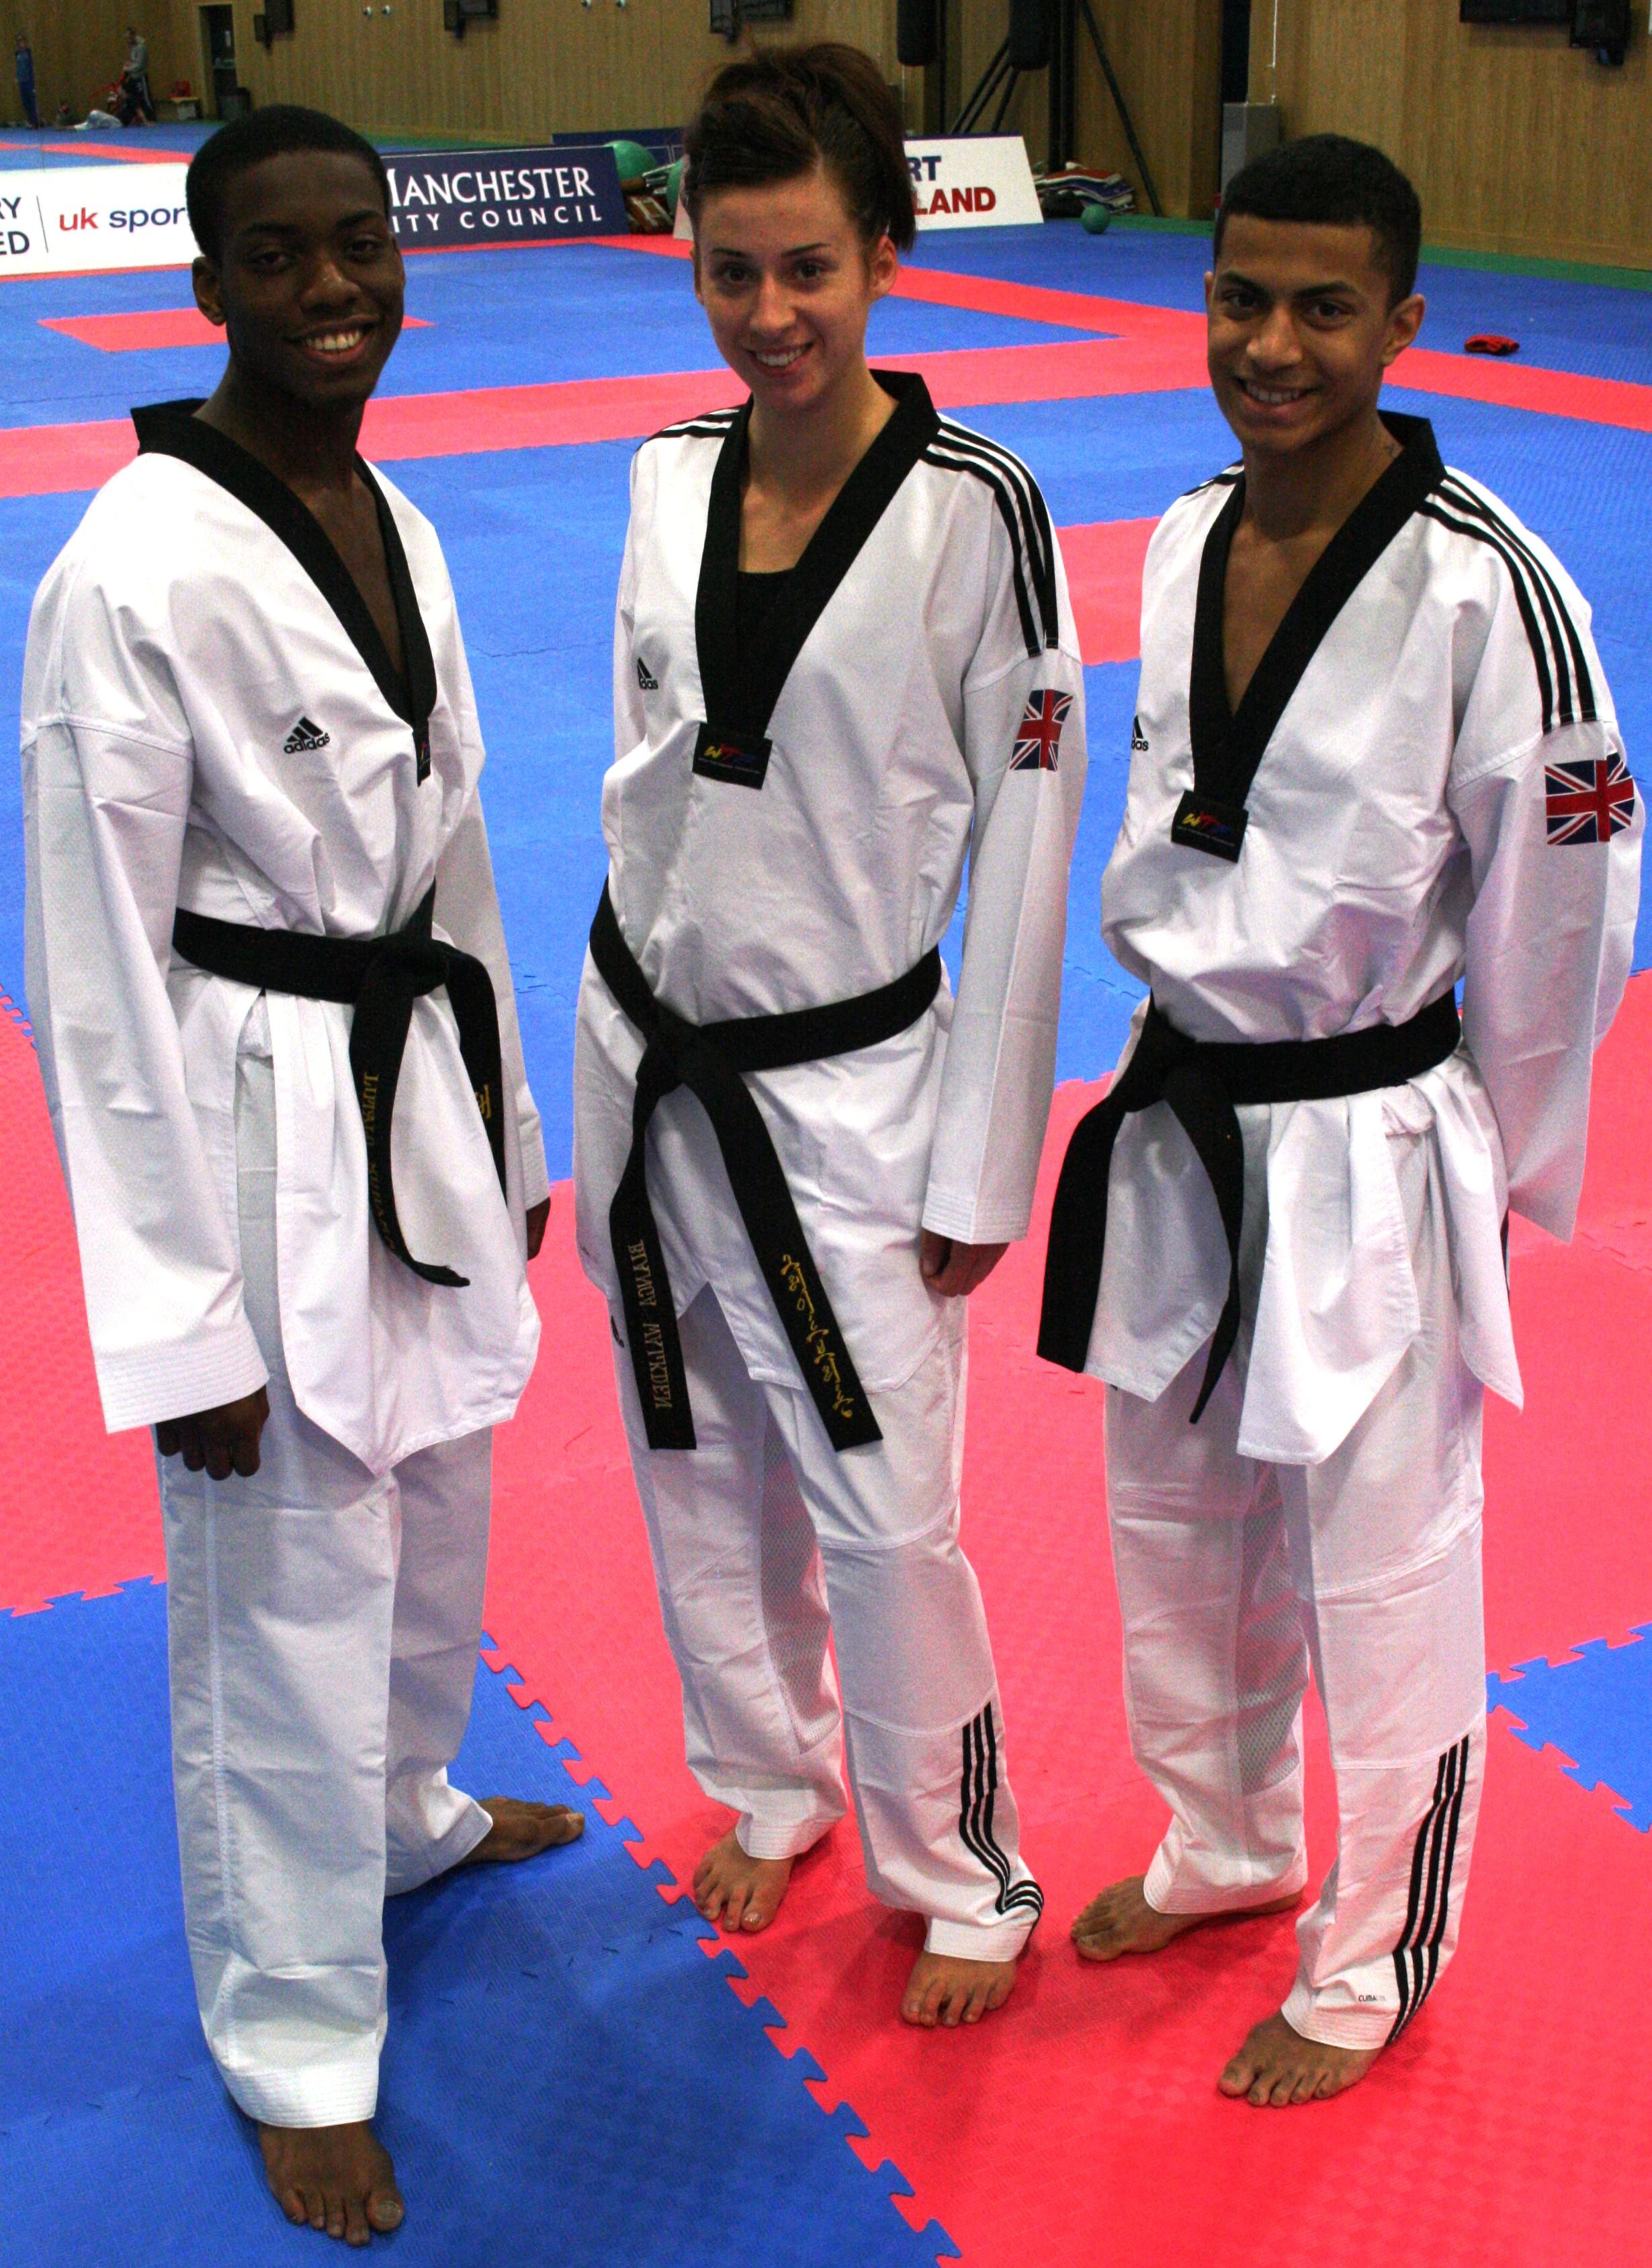 GB_Taekwondo_kit_deal_September_2011